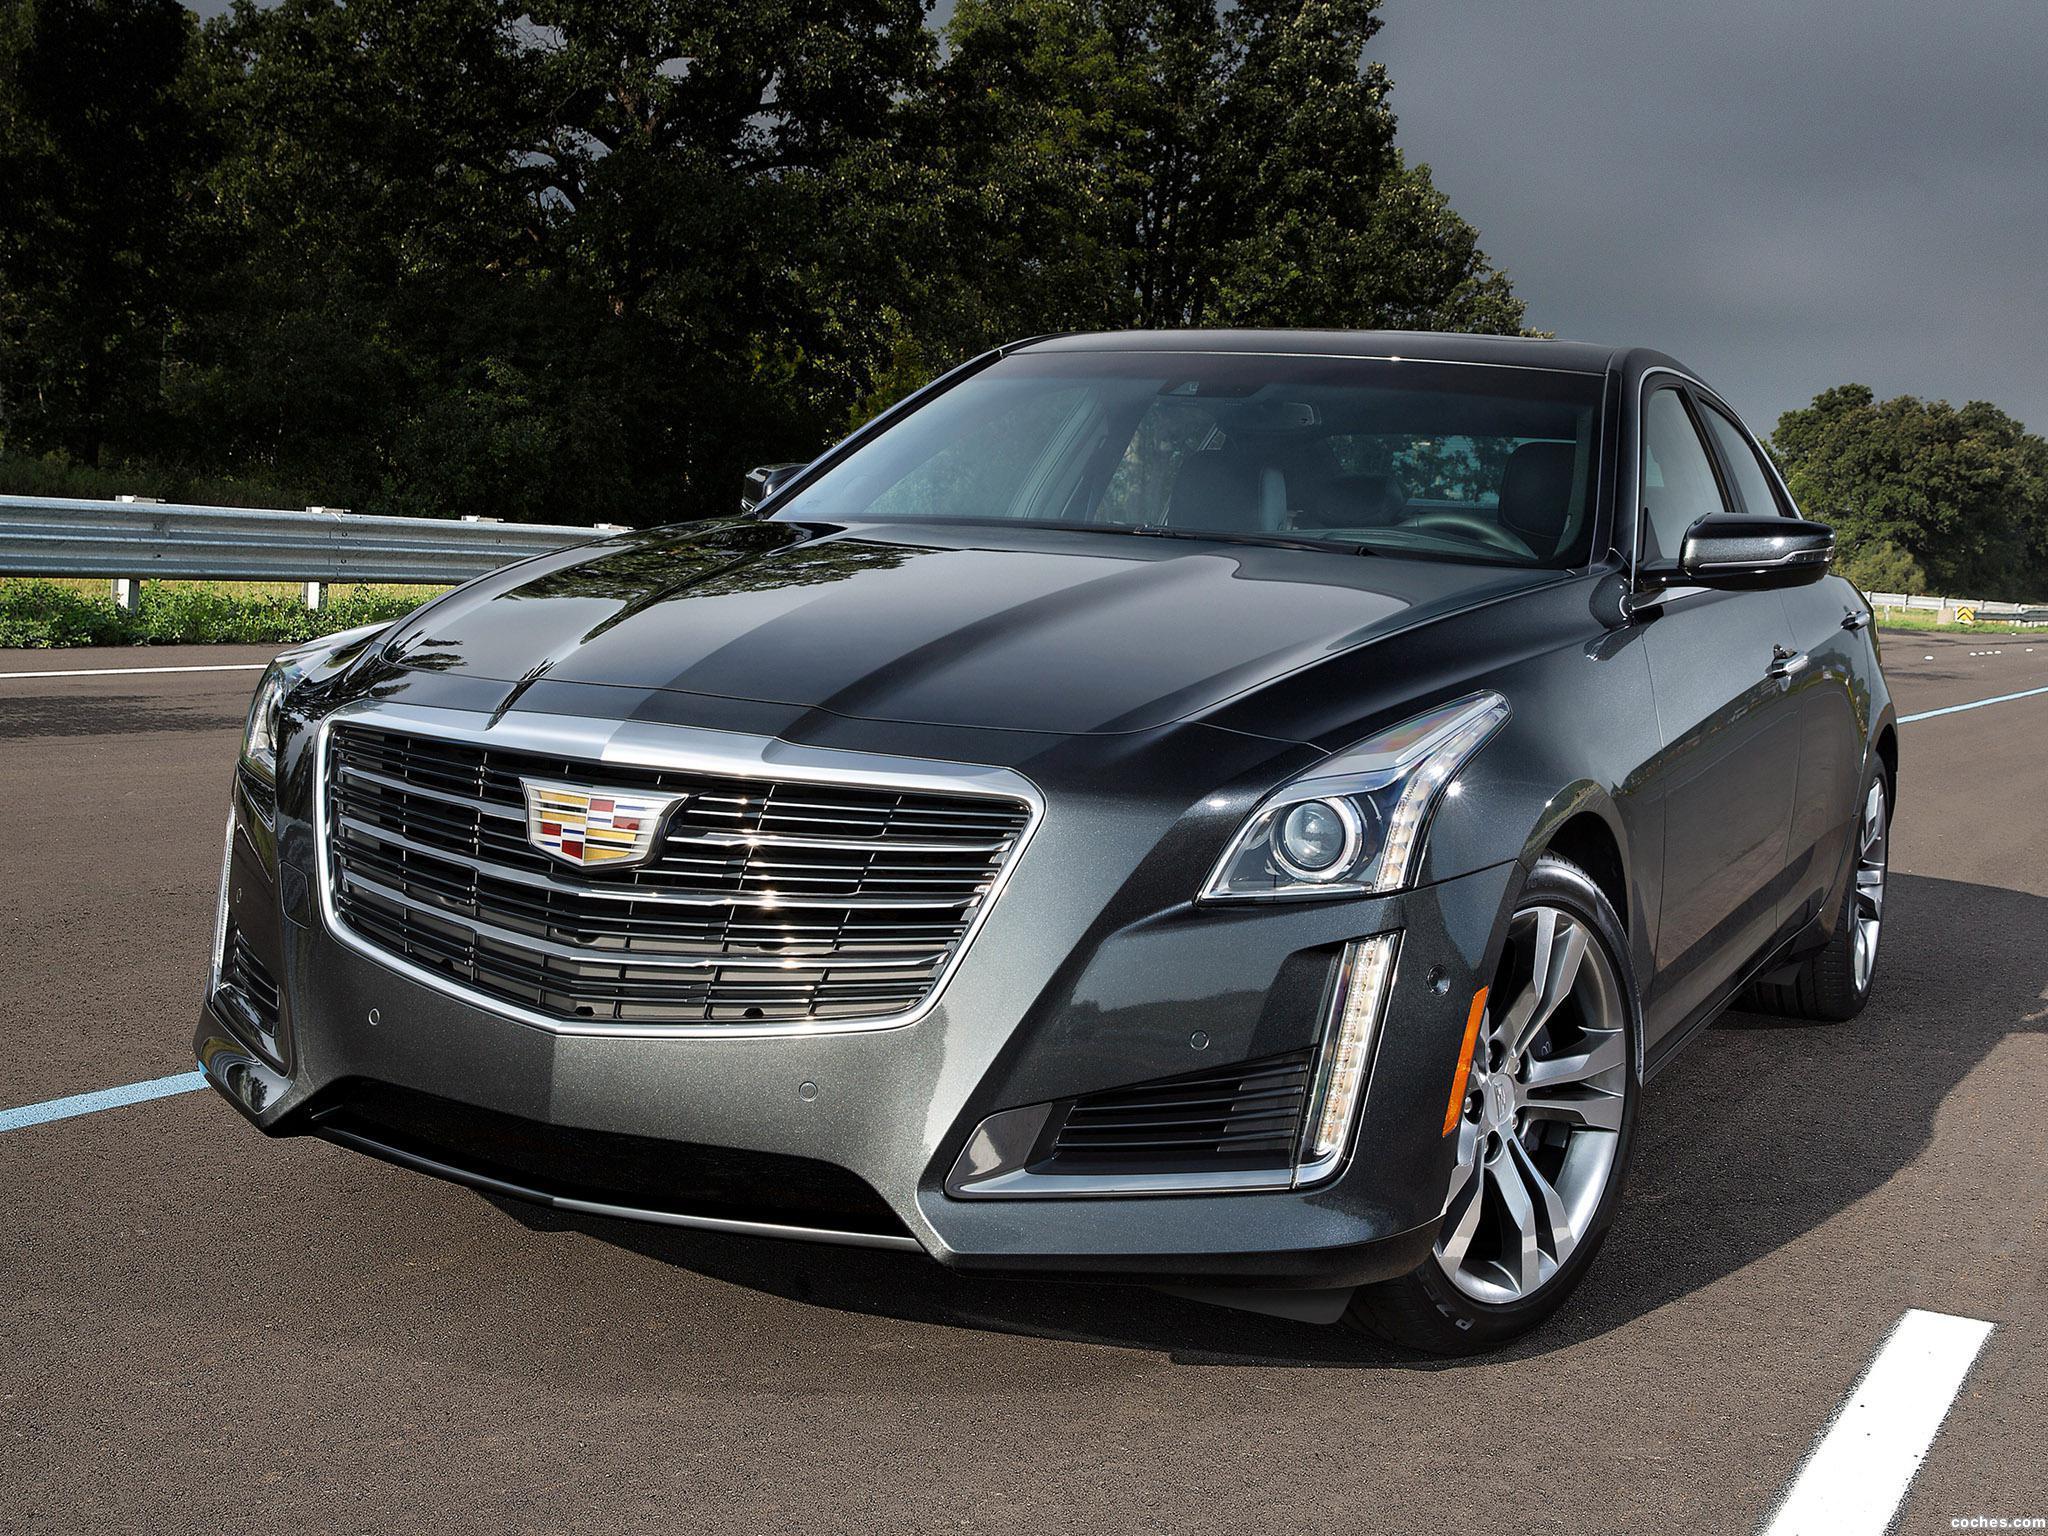 Foto 0 de Cadillac CTS V Sport 2014